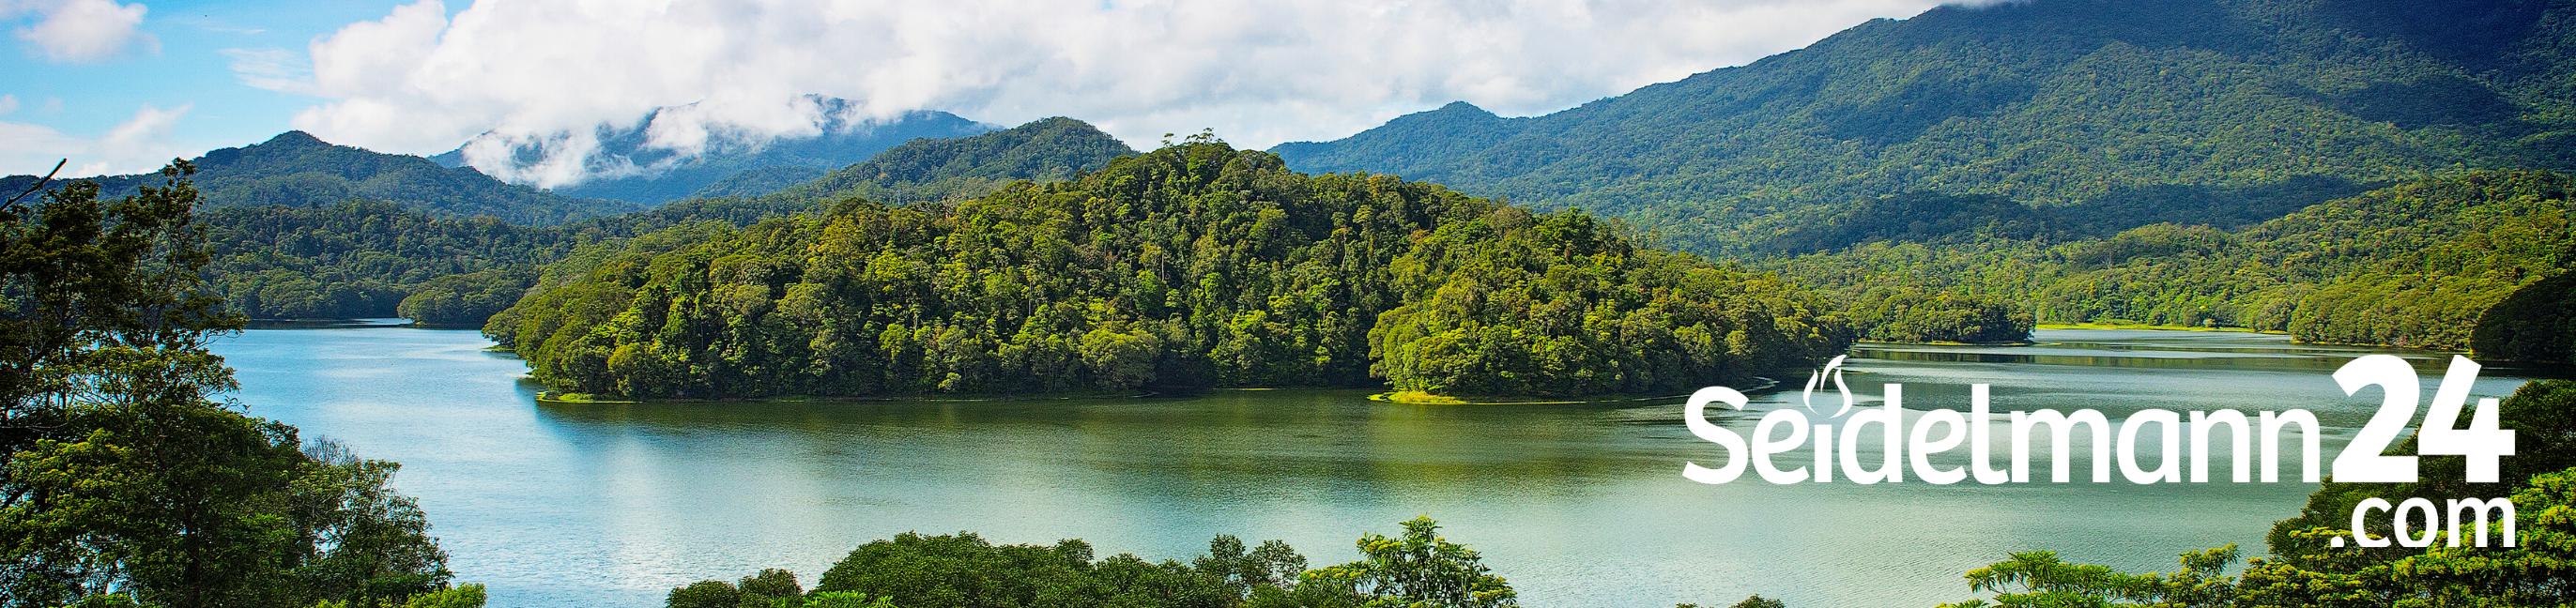 Frage der Woche: Schadet unsere Holzkohle den Tropenwäldern?